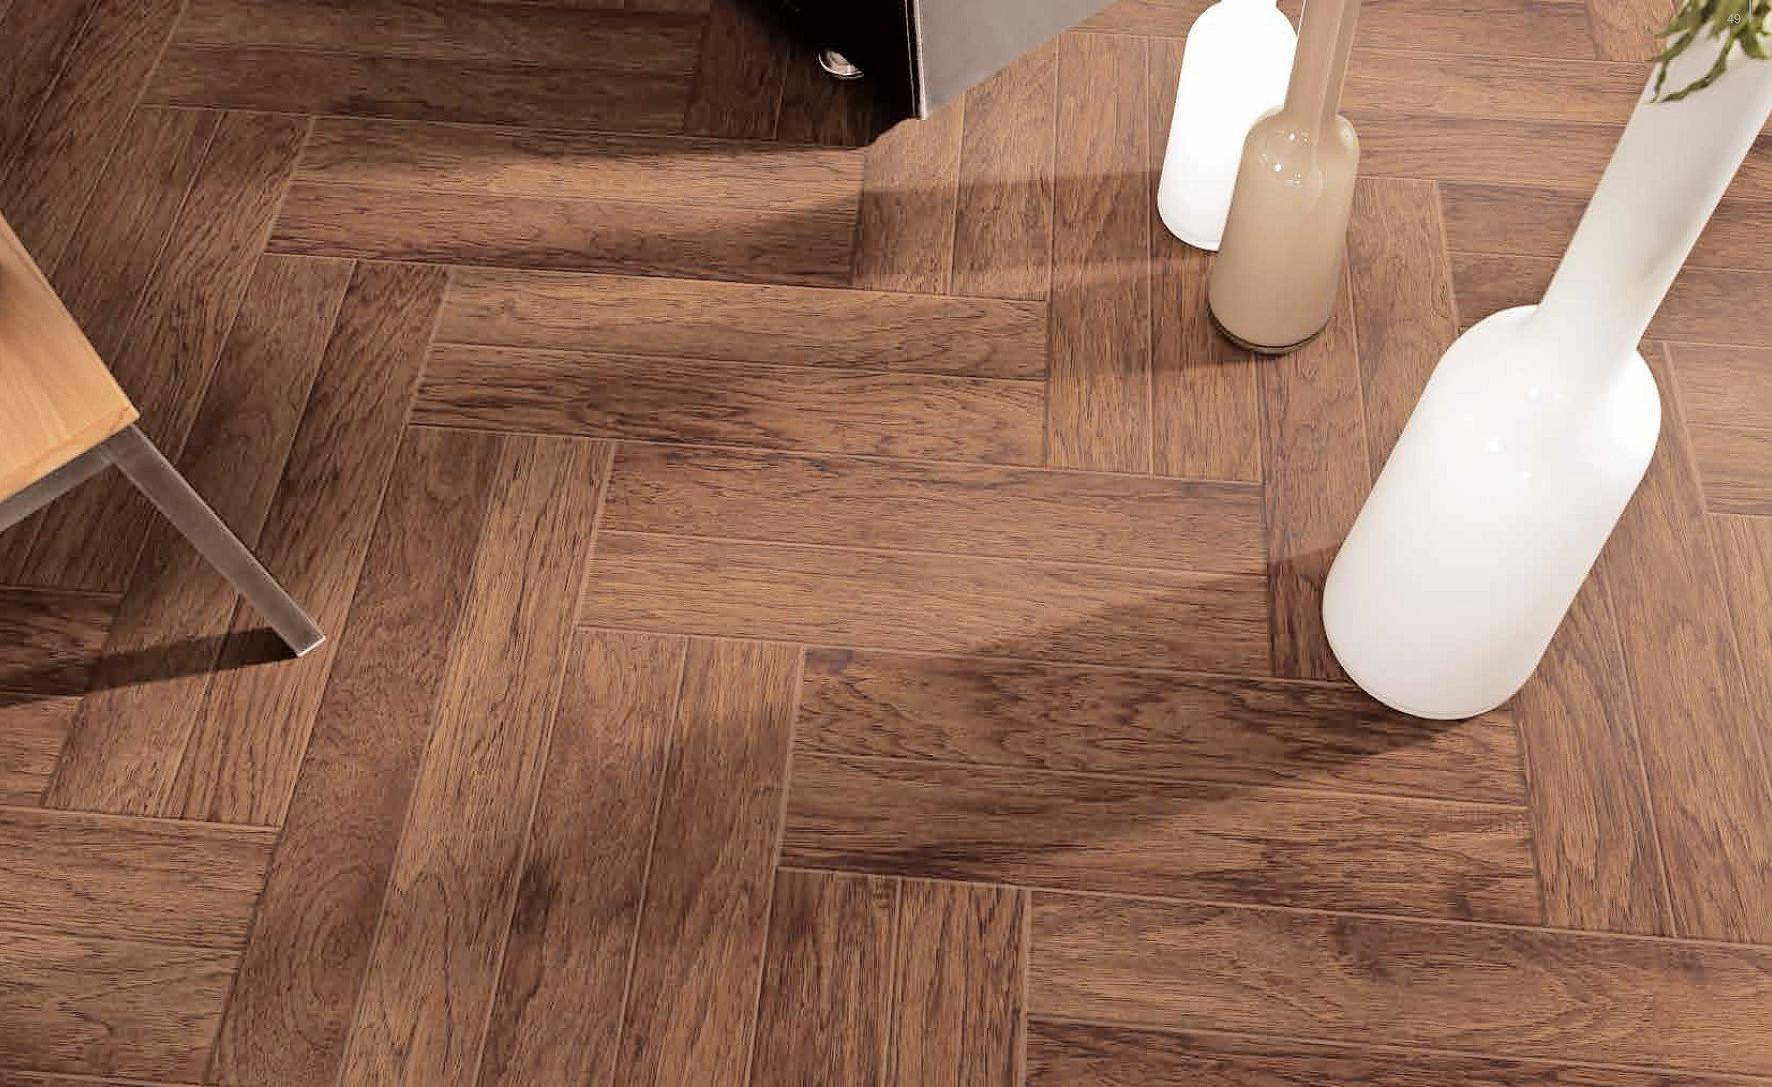 Zeitlos und klassisch: Parkett gehört zu den beliebtesten Bodenbelägen. Warm und variantenreich präsentieren sich hingegen Teppichböden. Fotos: dpa